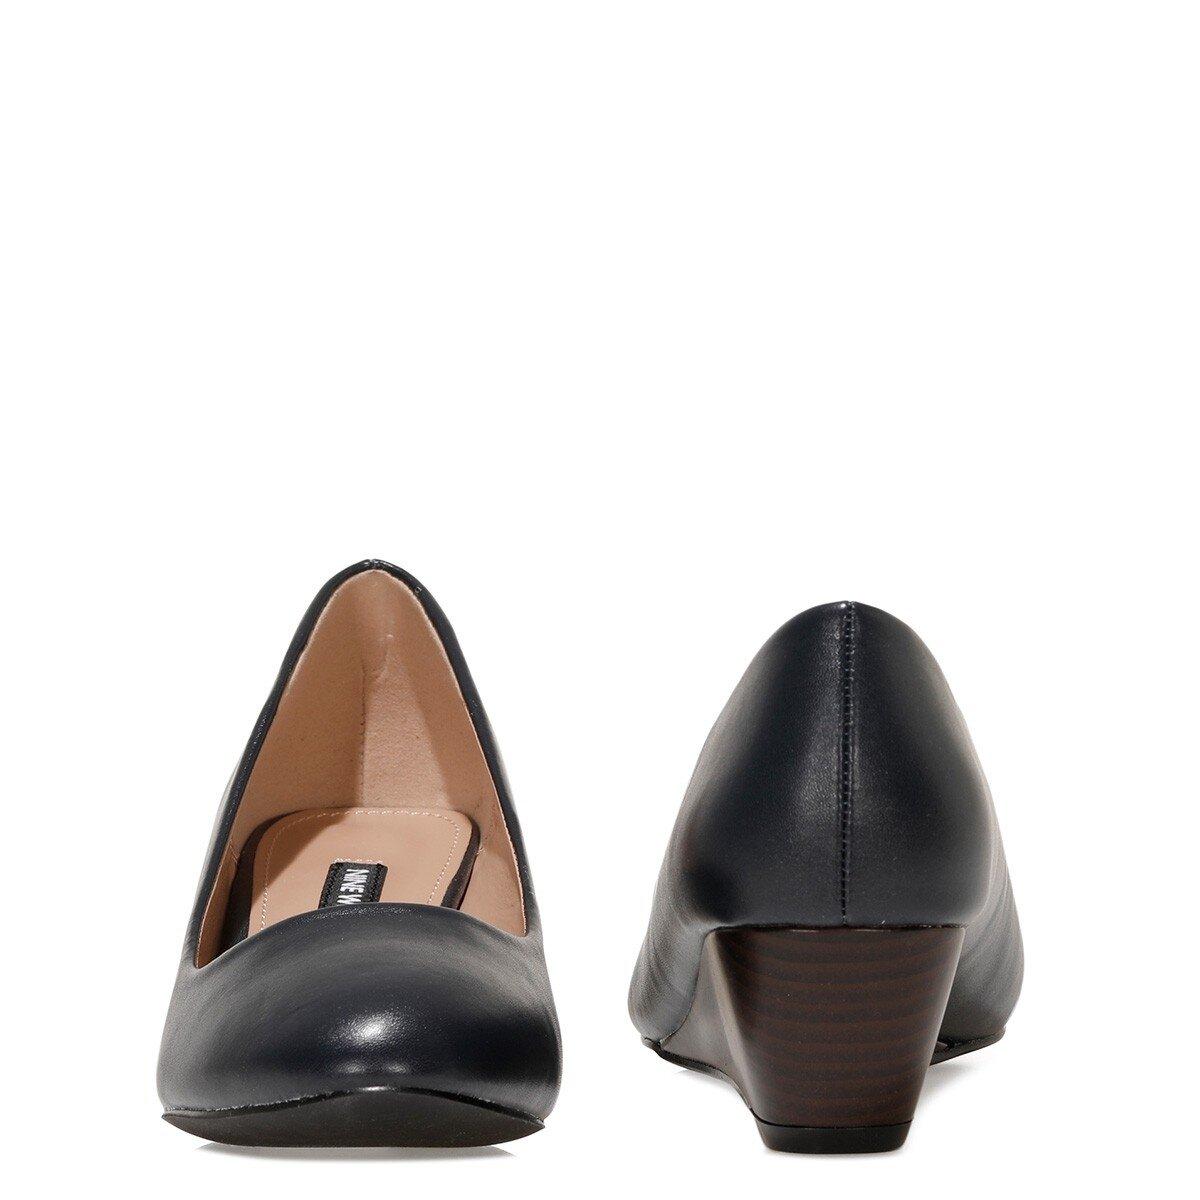 LICLA2 1FX Lacivert Kadın Dolgu Topuk Ayakkabı